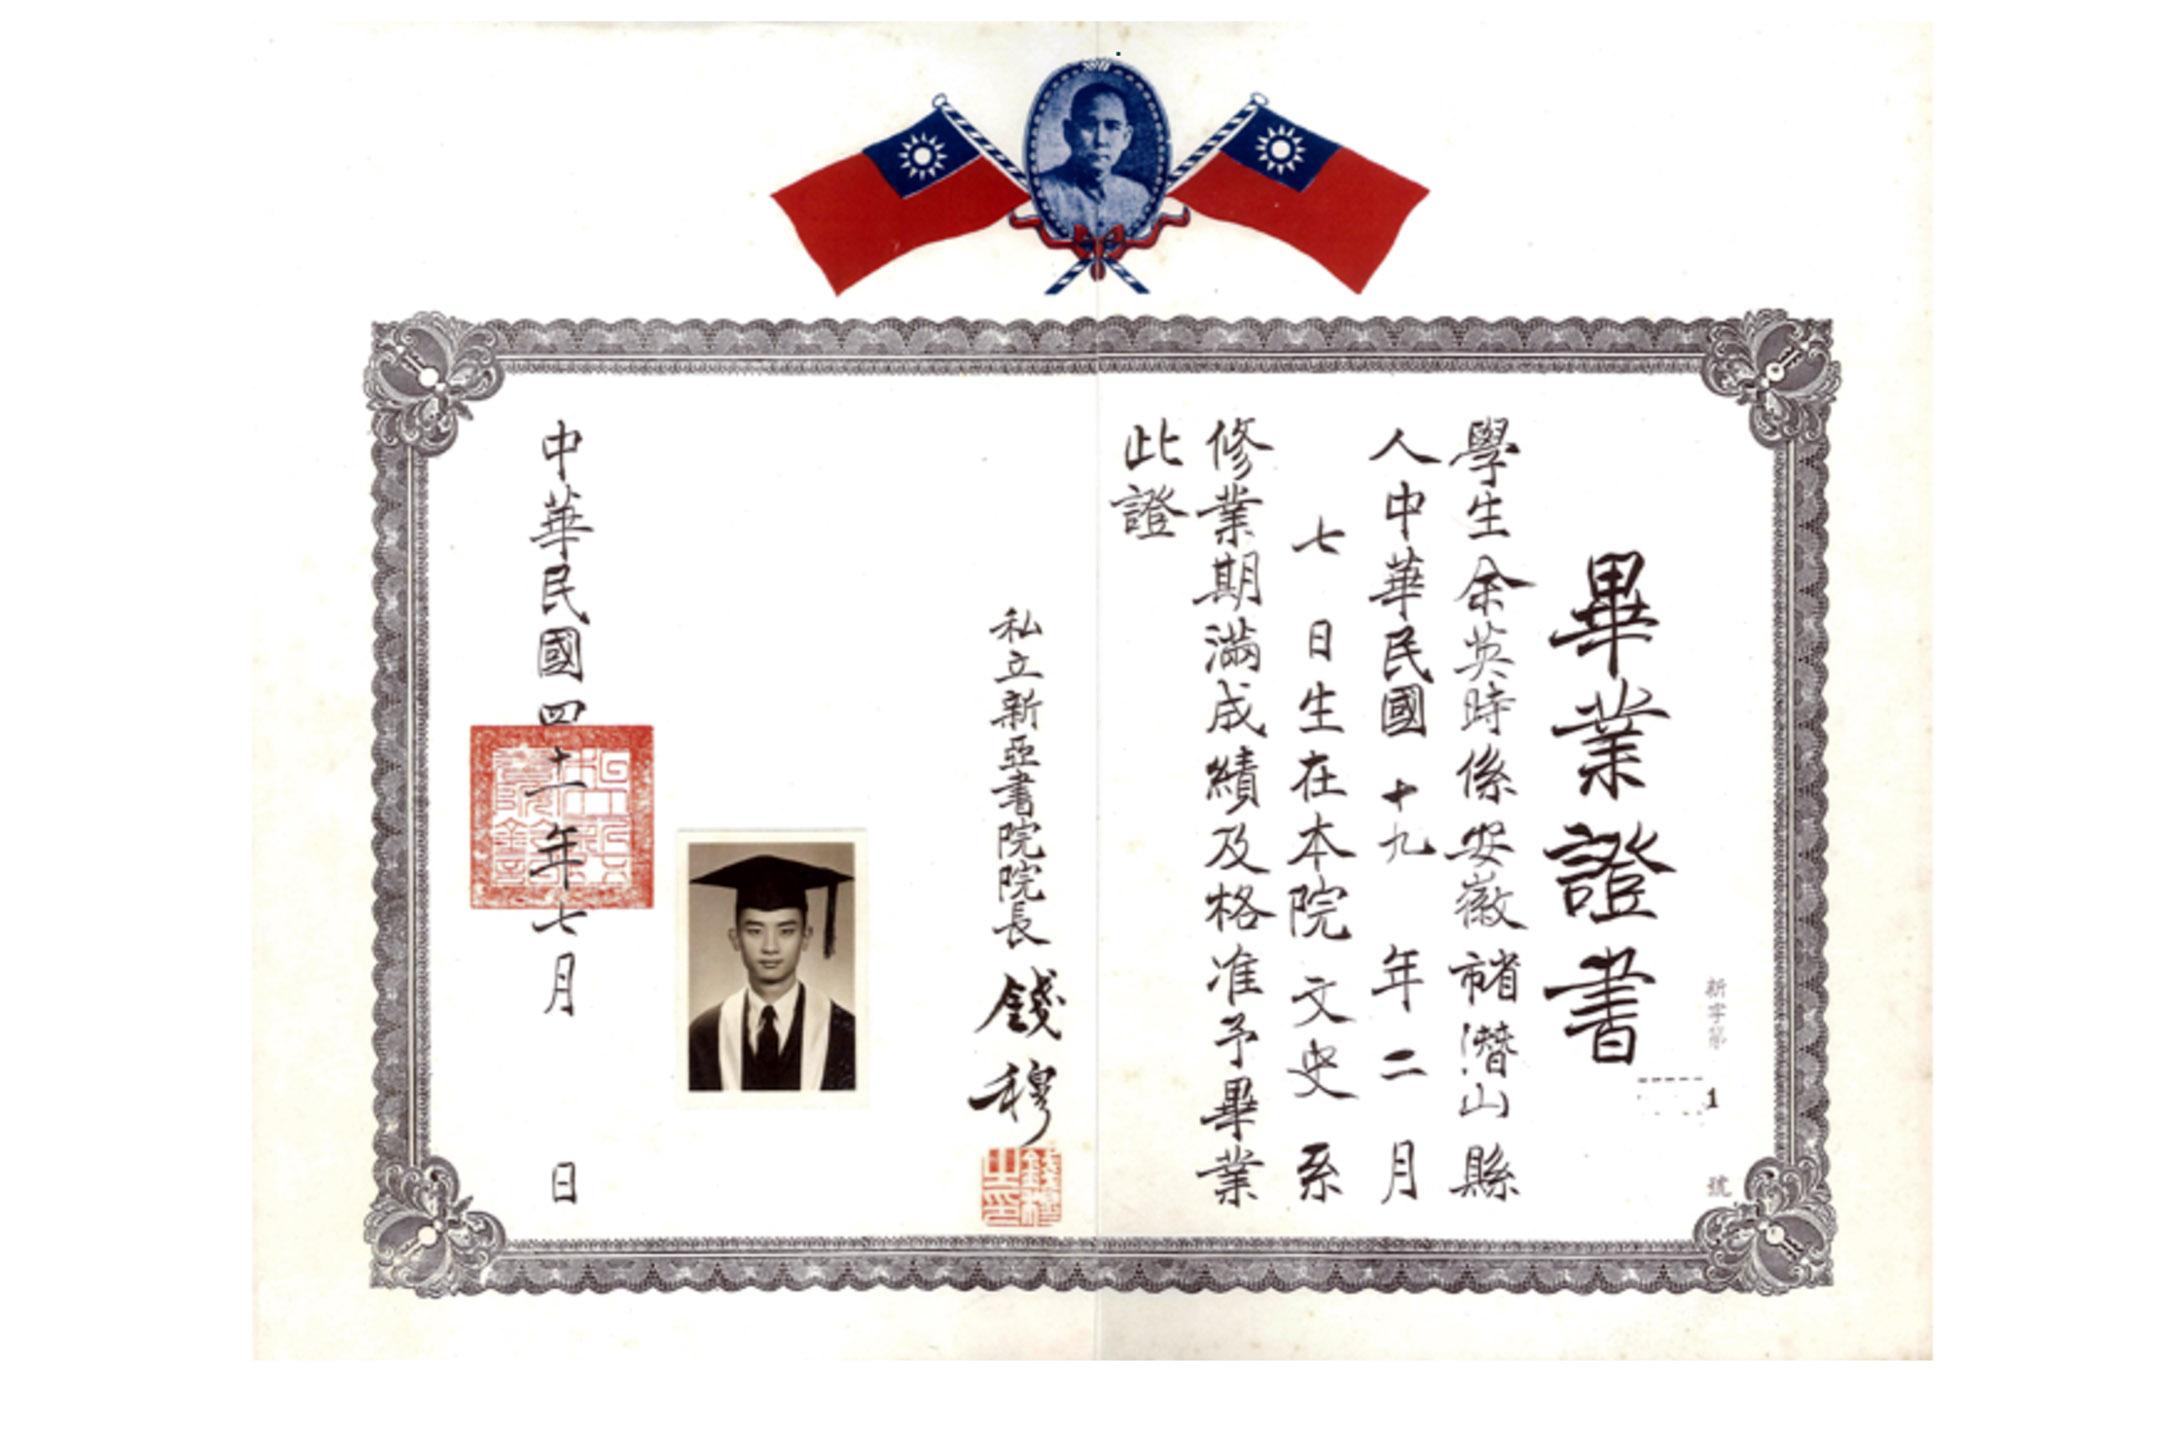 新亞書院余英時畢業證書 (1952)。